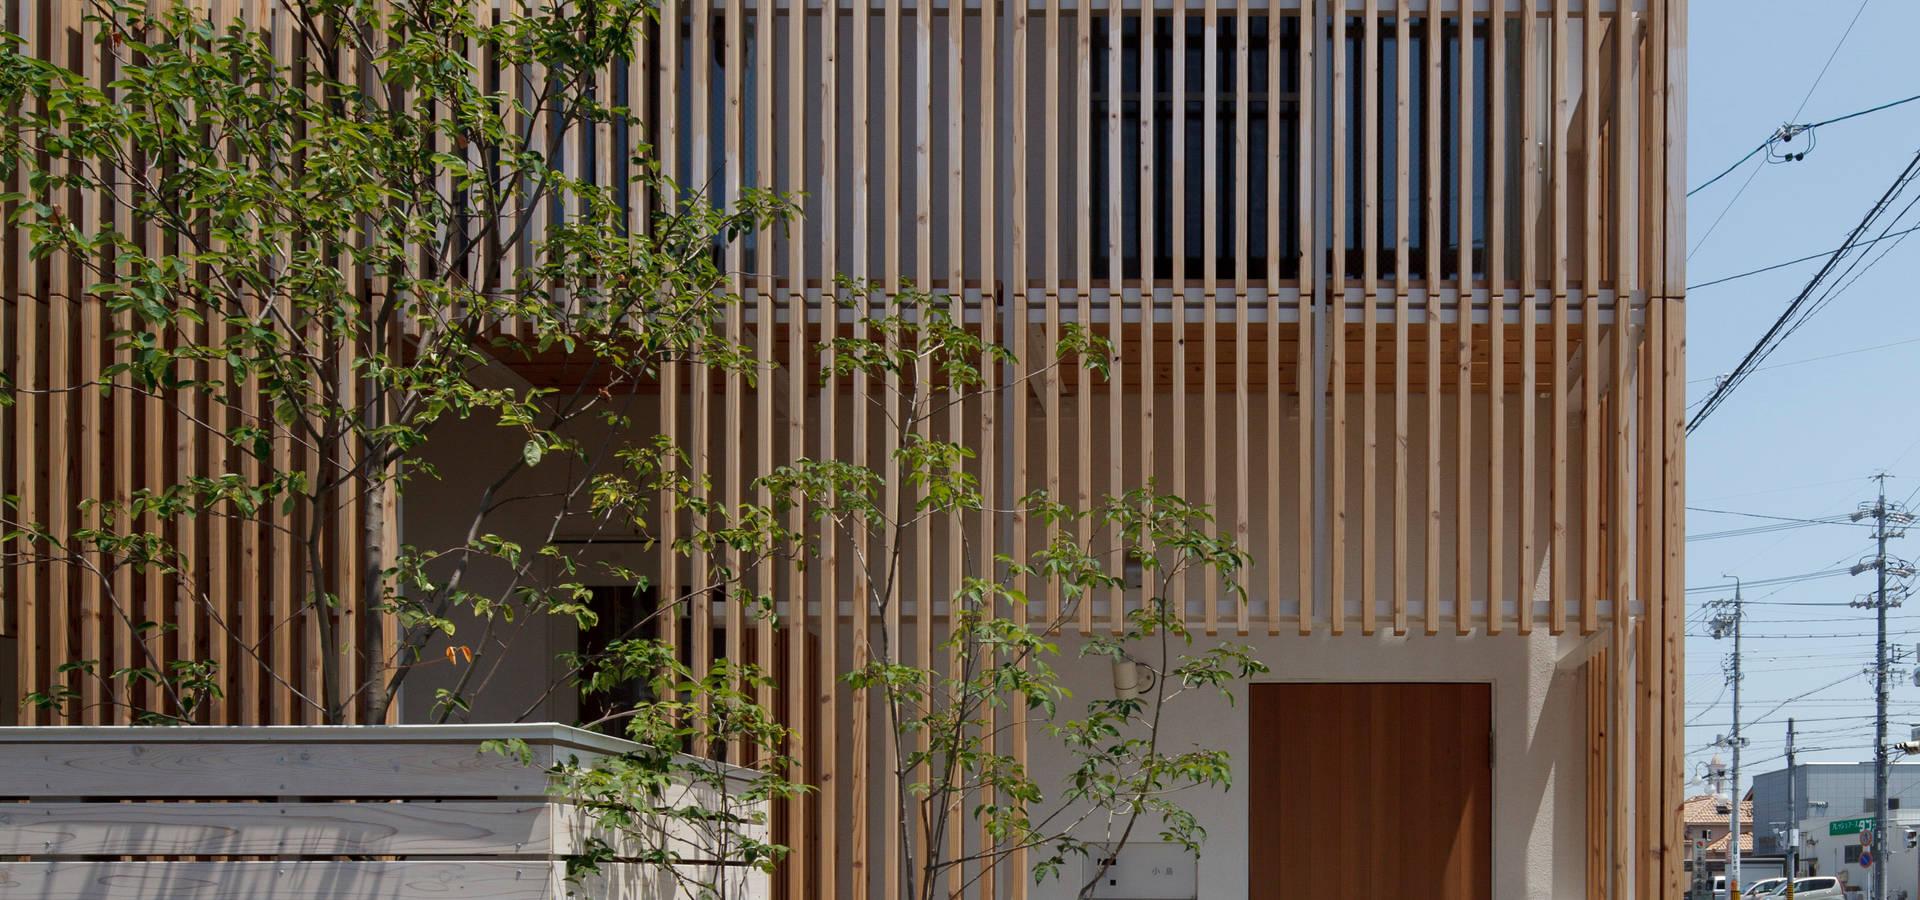 ㈲矢田義典建築設計事務所